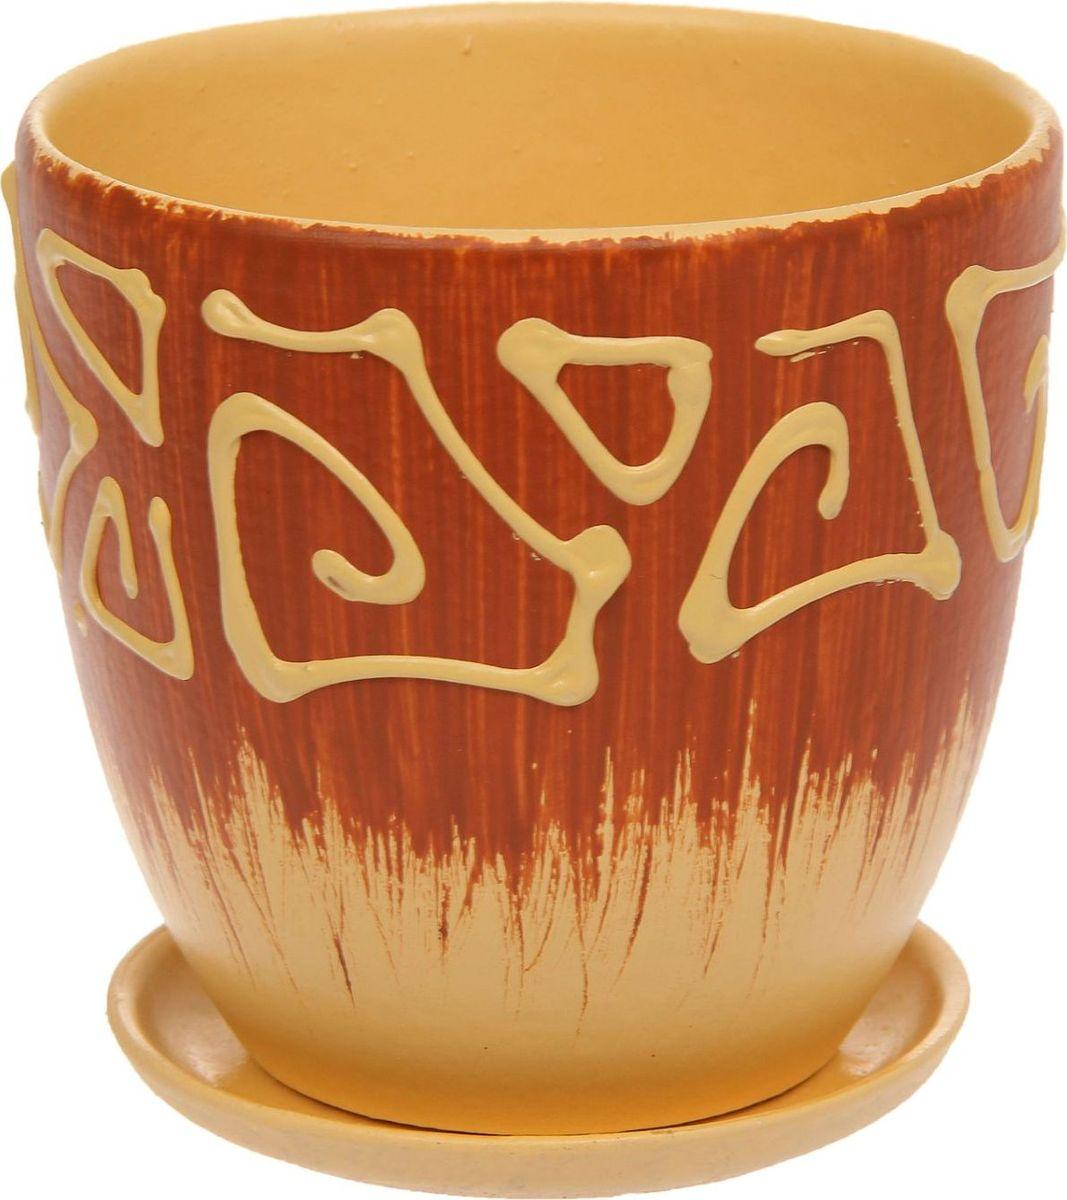 Кашпо Этно, цвет: желтый, 0,8 л1138747Комнатные растения — всеобщие любимцы. Они радуют глаз, насыщают помещение кислородом и украшают пространство. Каждому из них необходим свой удобный и красивый дом. Кашпо из керамики прекрасно подходят для высадки растений: за счёт пластичности глины и разных способов обработки существует великое множество форм и дизайновпористый материал позволяет испаряться лишней влагевоздух, необходимый для дыхания корней, проникает сквозь керамические стенки! #name# позаботится о зелёном питомце, освежит интерьер и подчеркнёт его стиль.